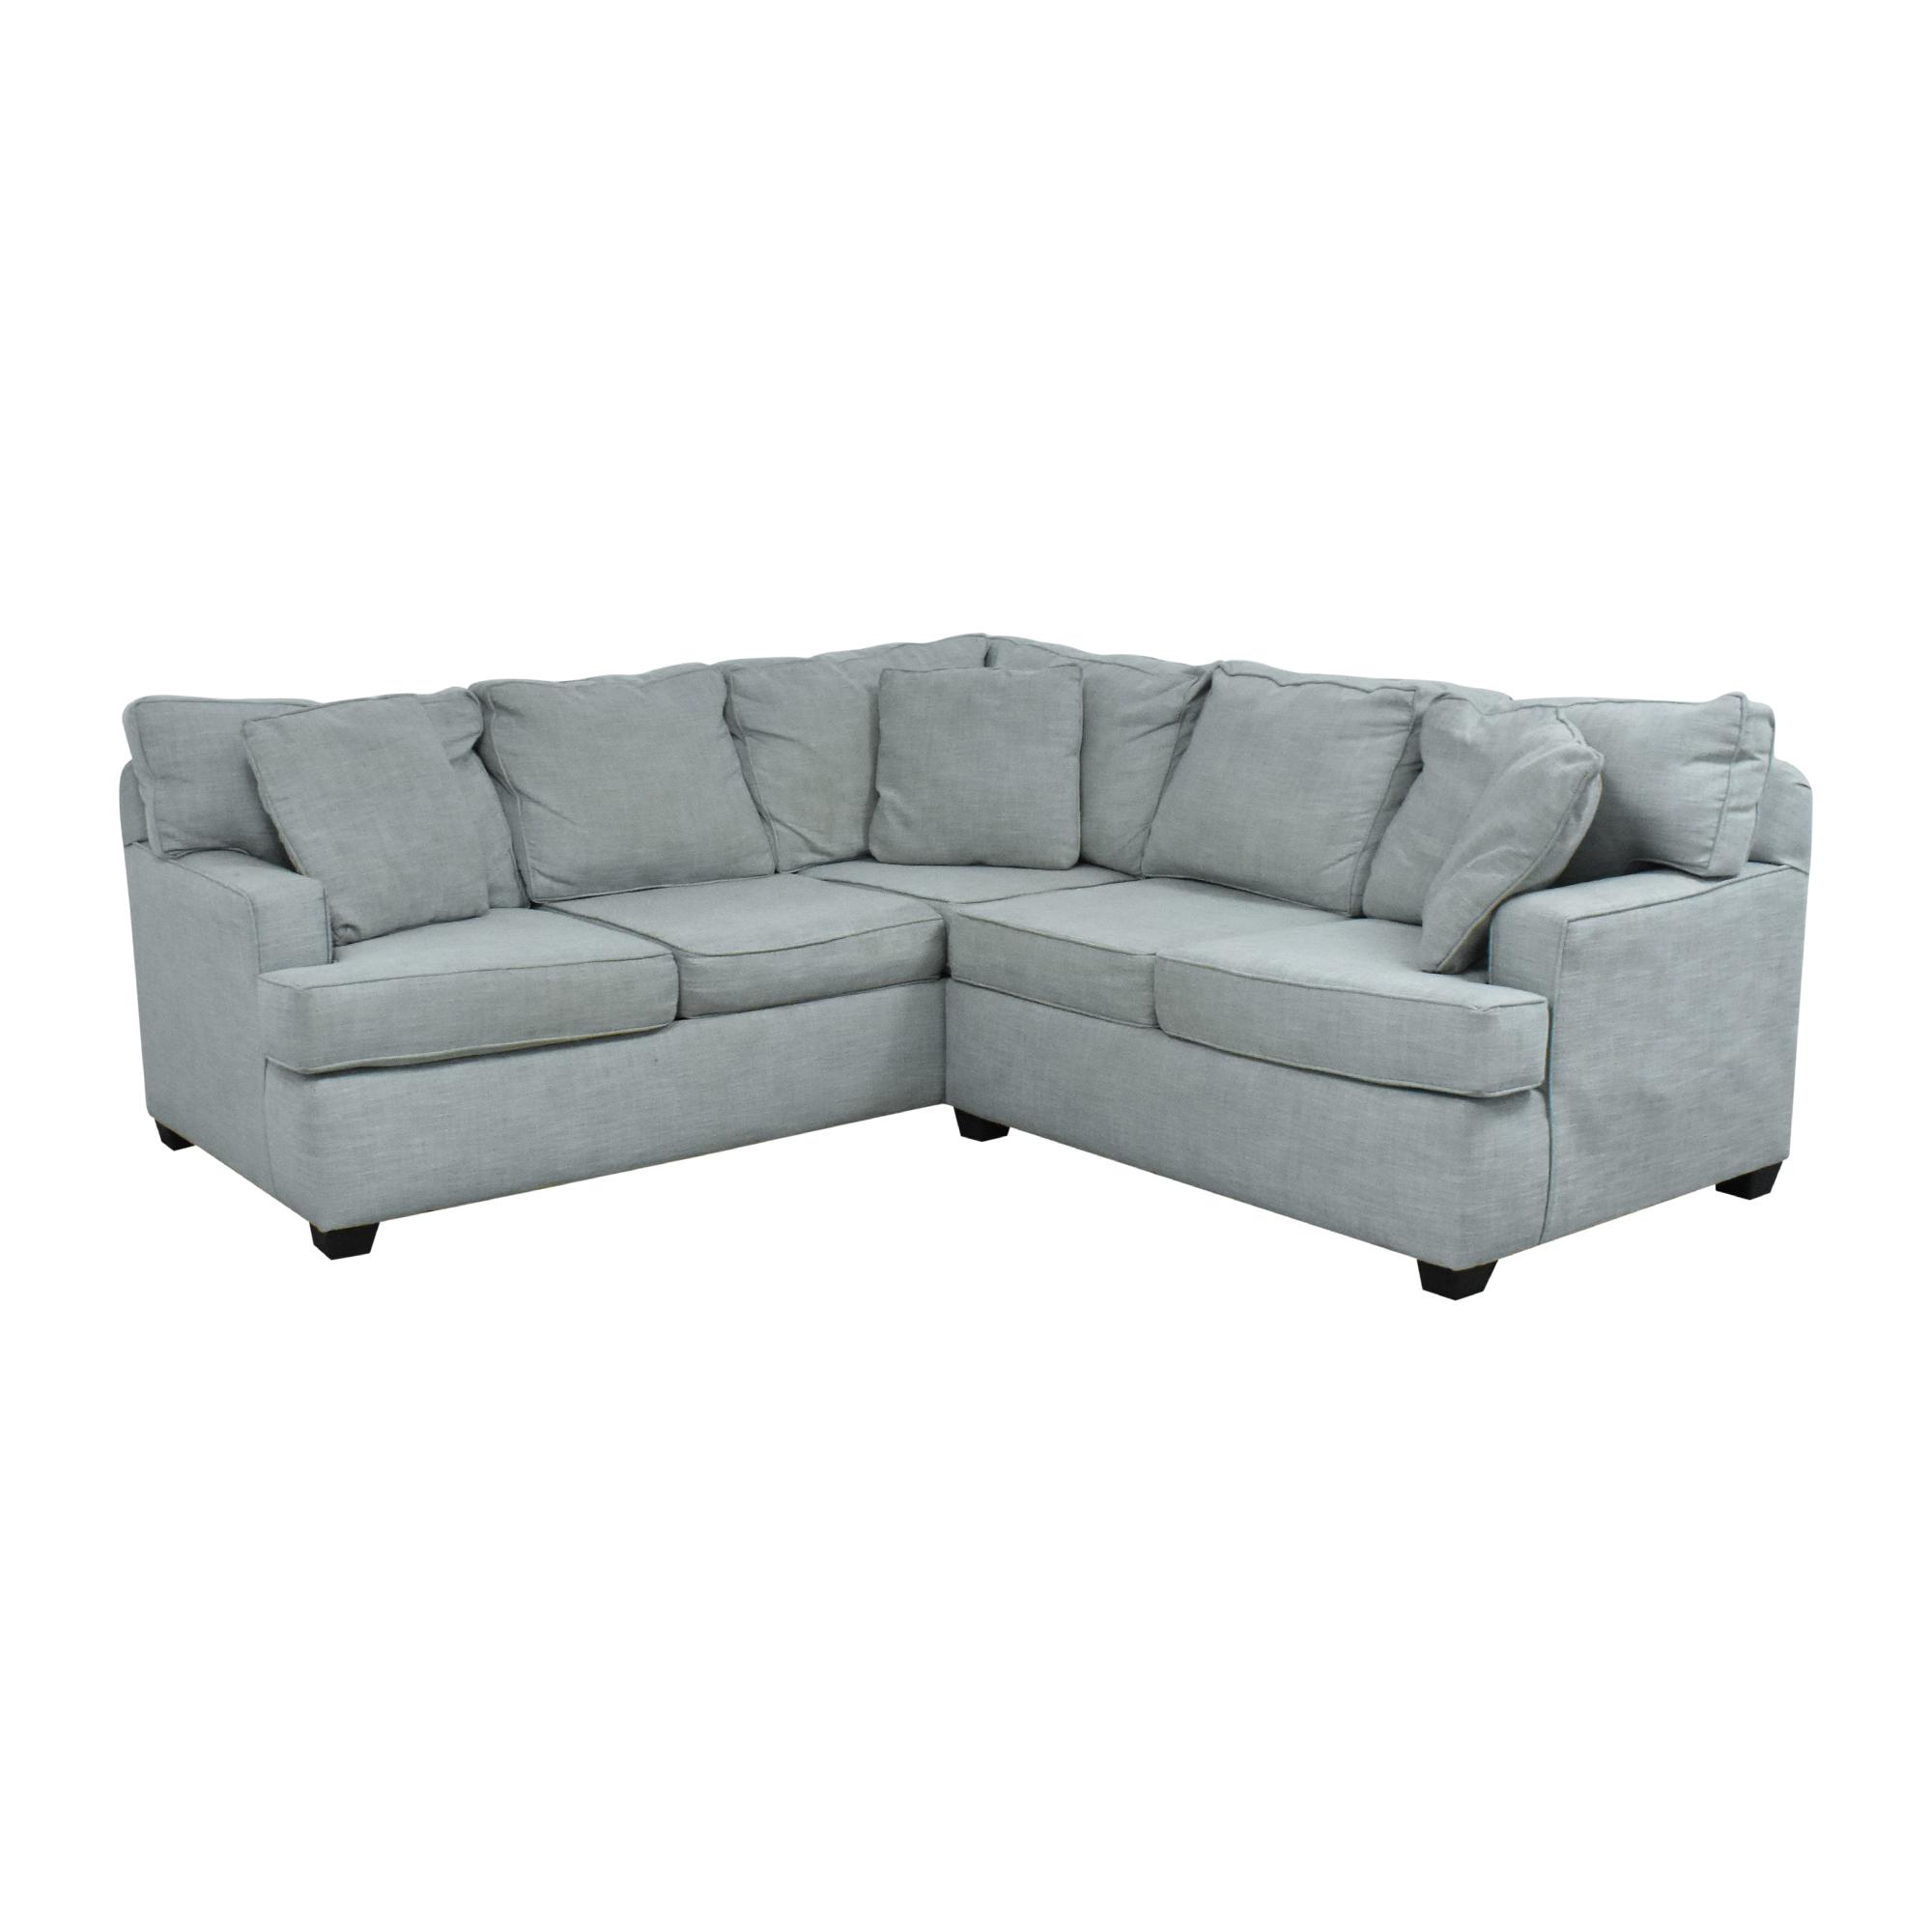 KFI KFI Corner Sectional Sofa dimensions